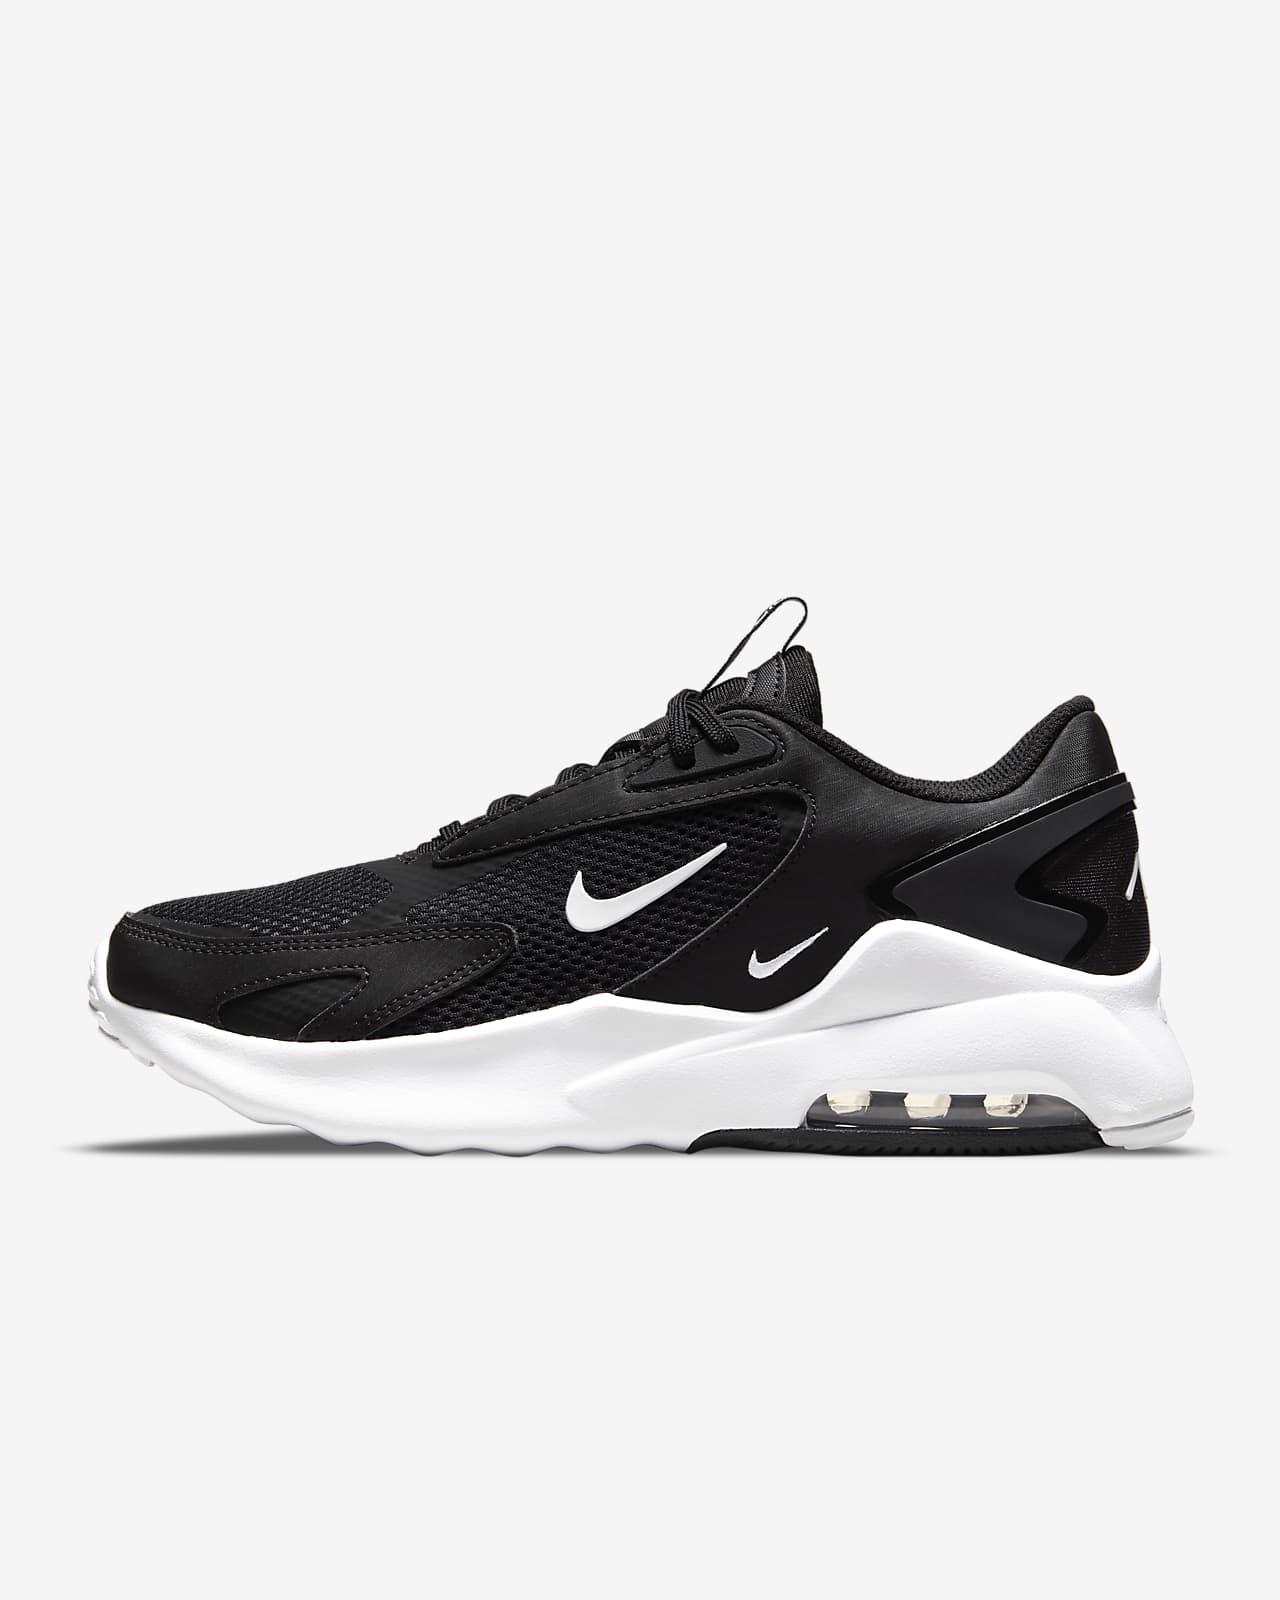 Chaussure Nike Air Max Bolt pour Femme. Nike LU